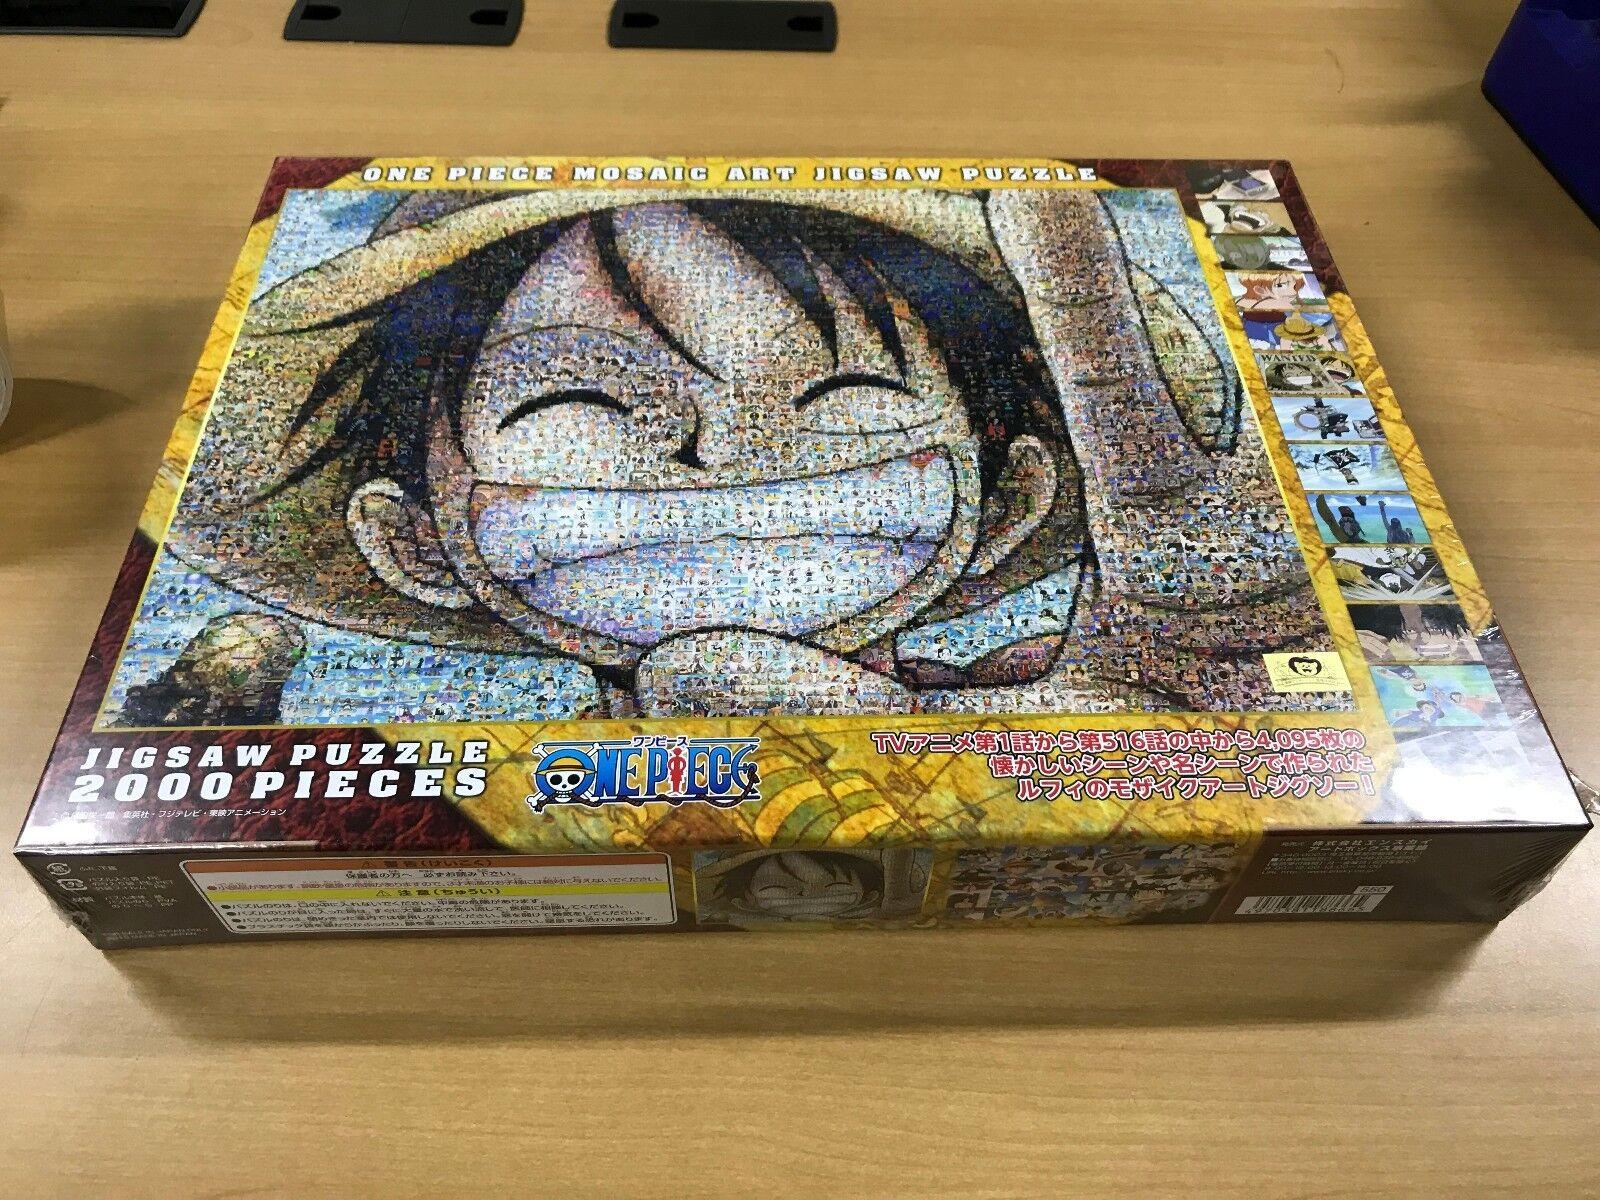 One Piece Luffy 2000 piece Jigsaw Puzzle Mosaïque Art (73x102cm) 2000-107 by Ensky